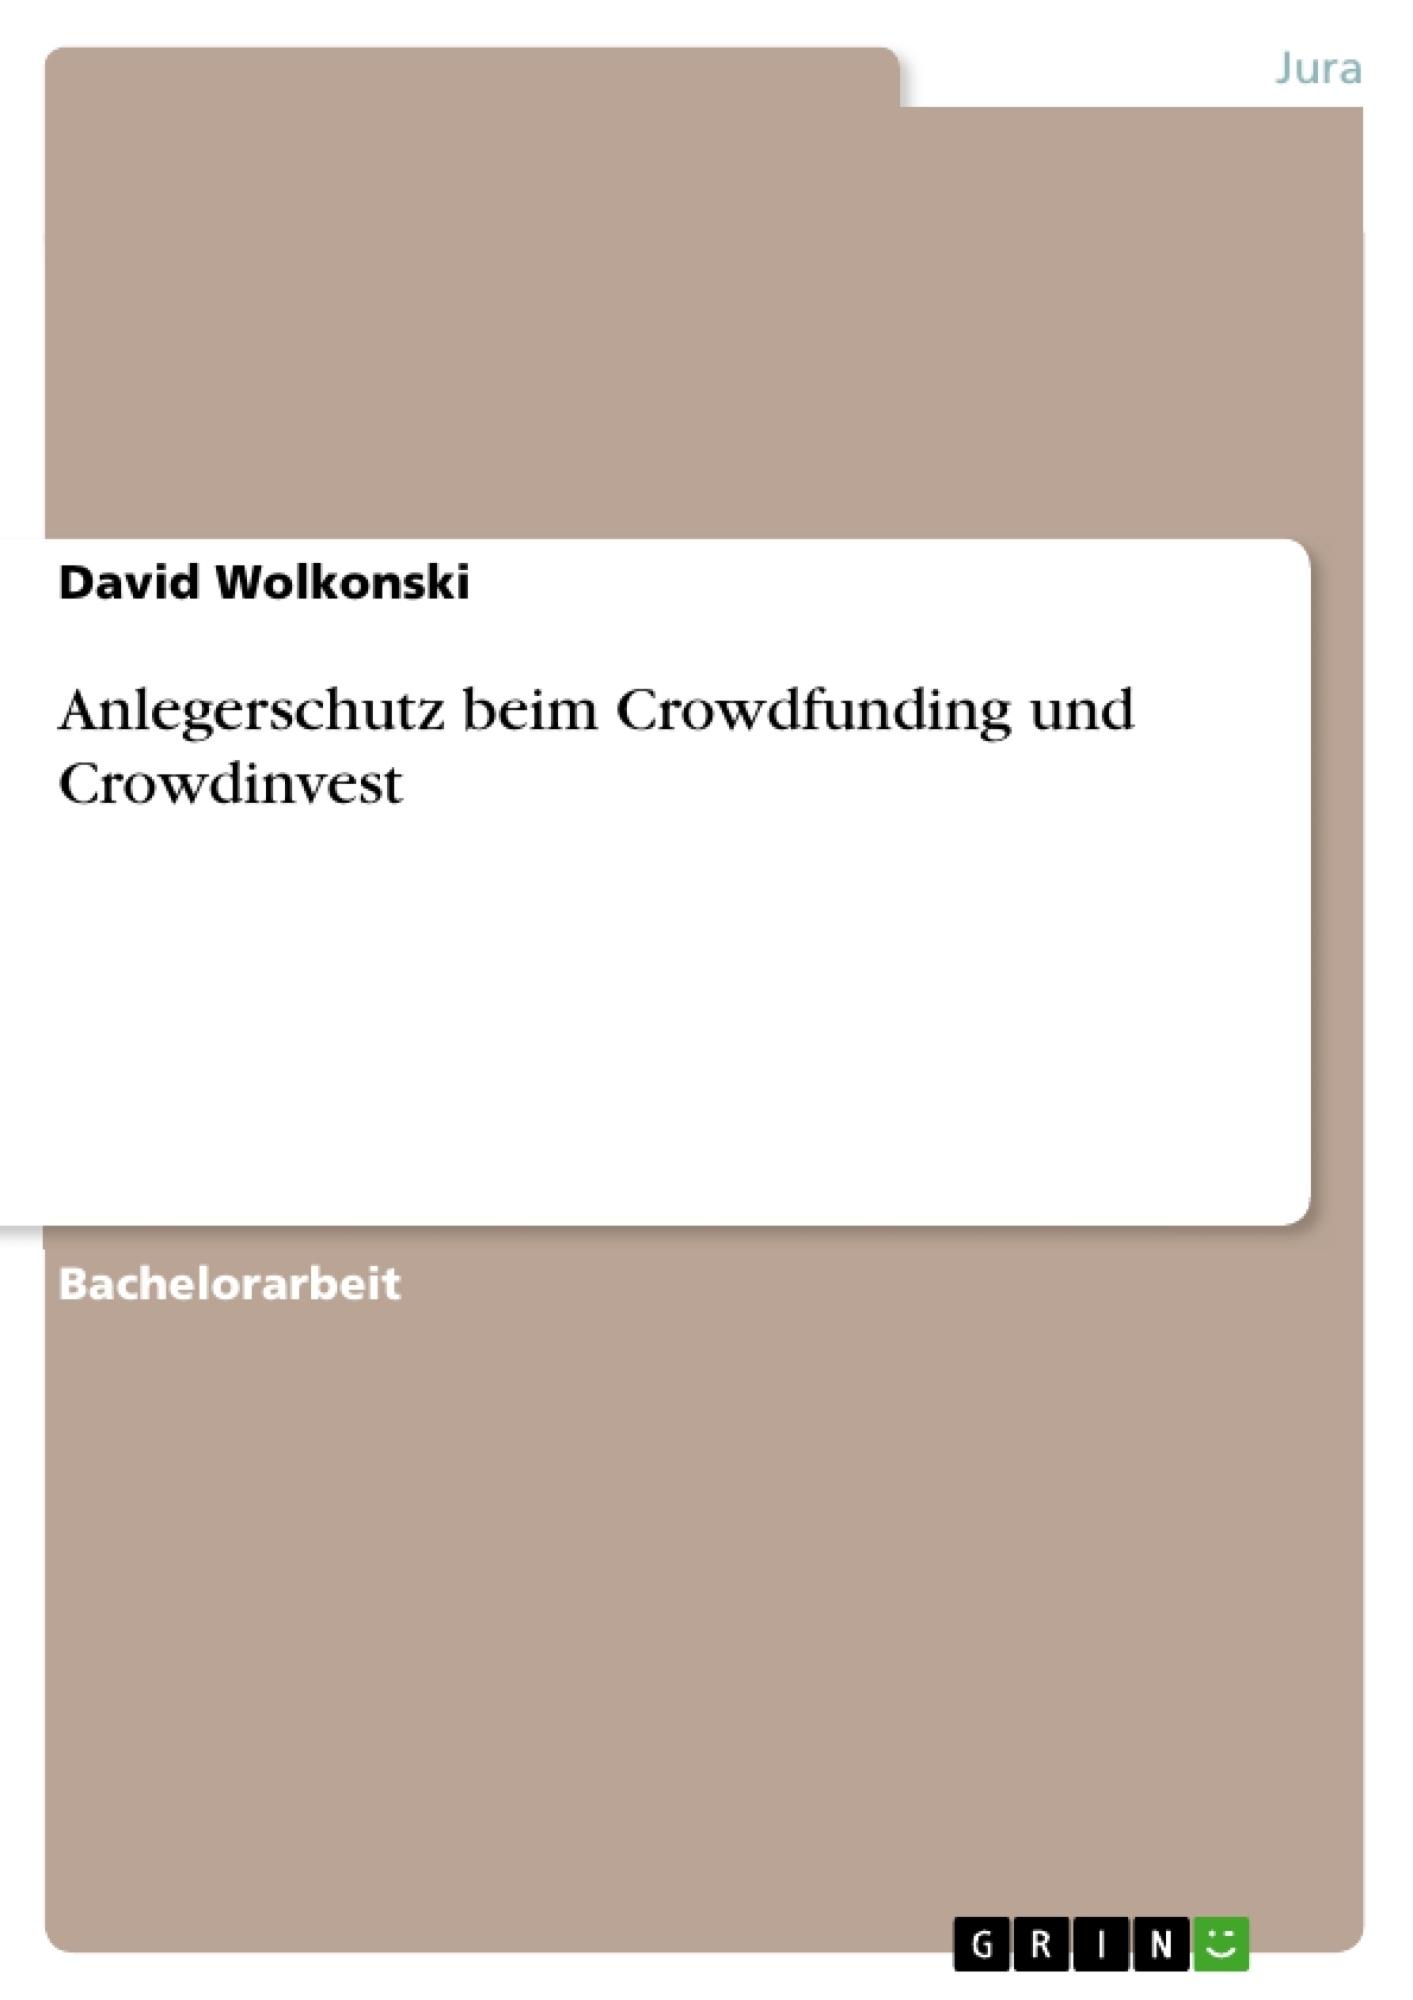 Titel: Anlegerschutz beim Crowdfunding und Crowdinvest